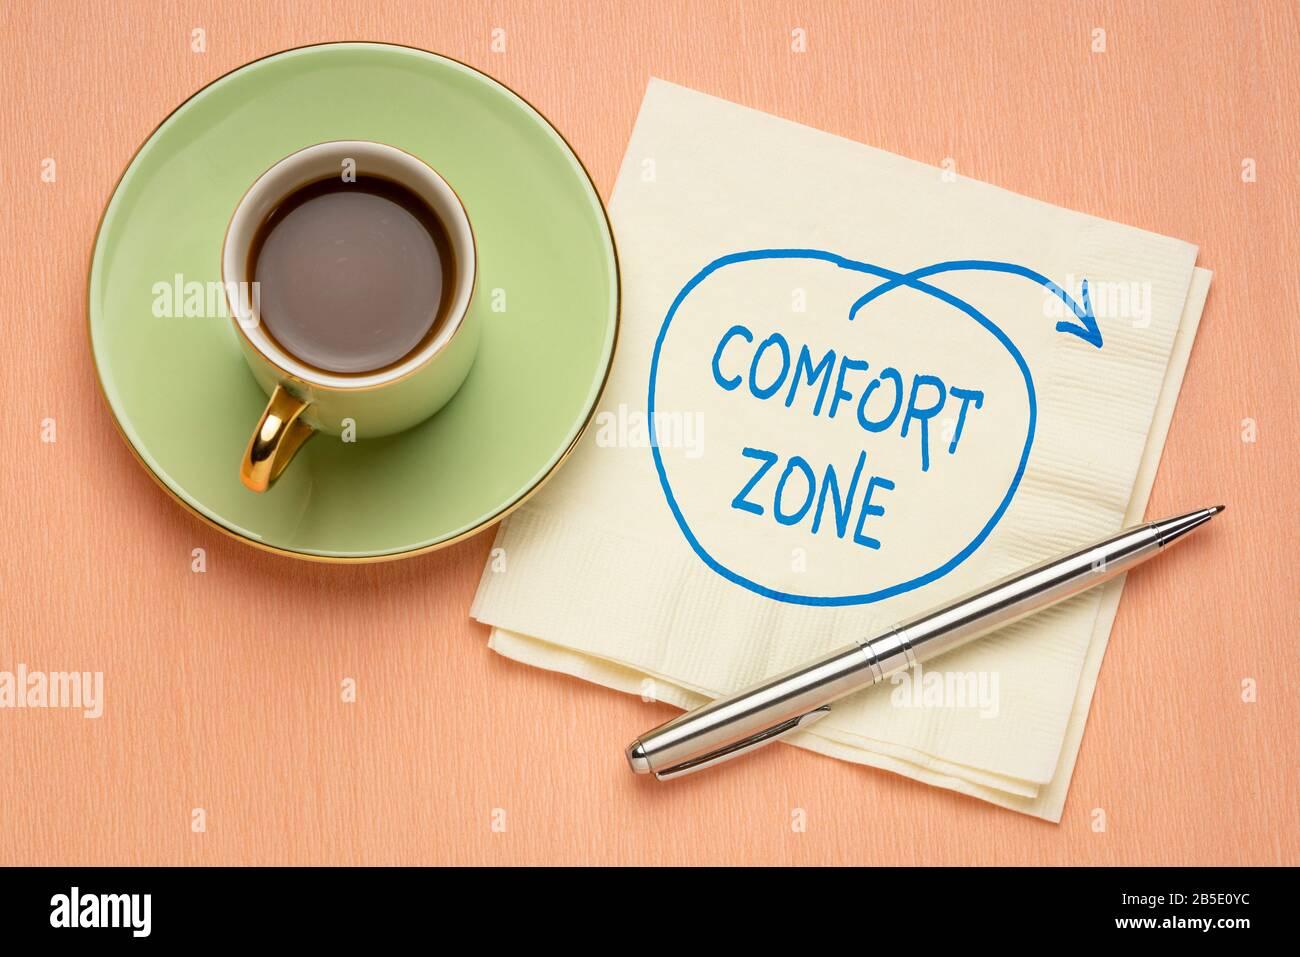 sortez du concept de zone de confort - un caniche motivationnel sur une serviette avec une tasse de café, de défi, de motivation et de développement personnel Banque D'Images